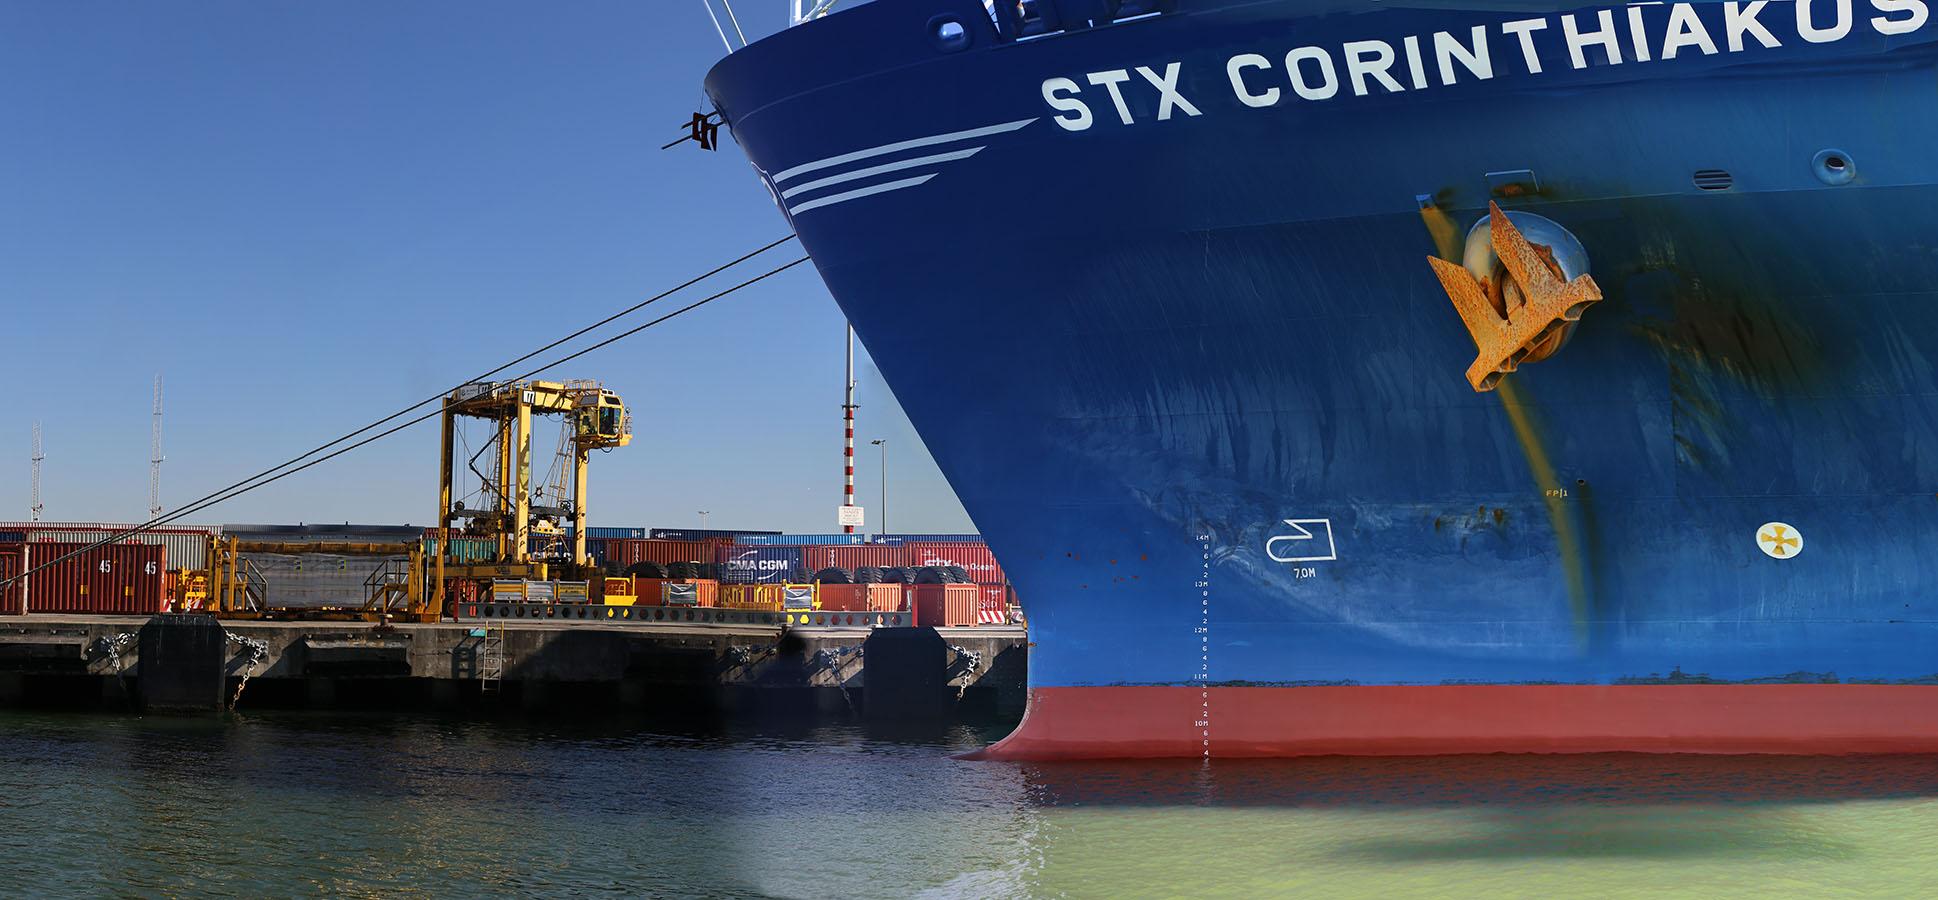 Wharf & STX Corinthiakos left